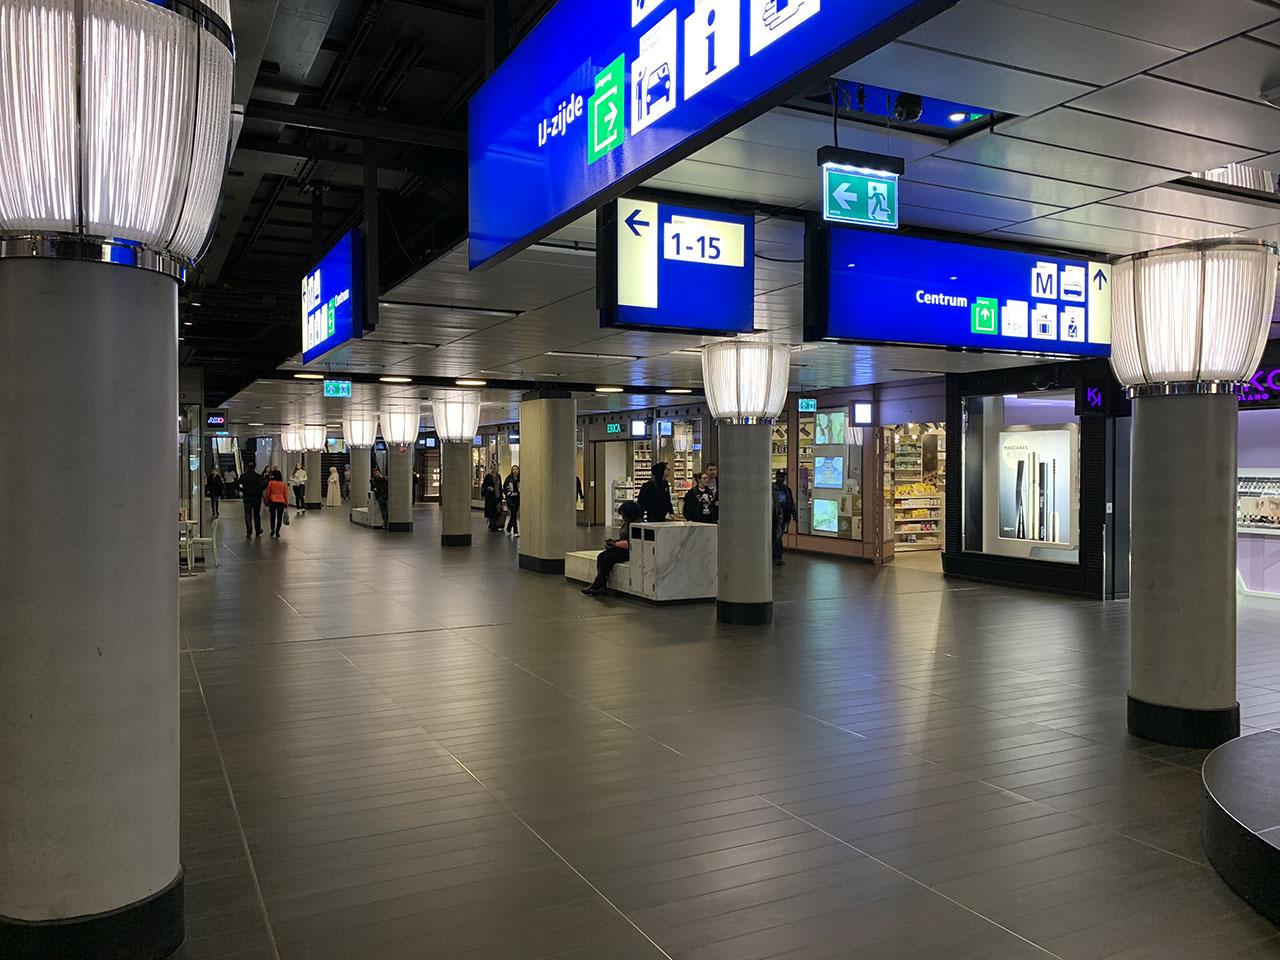 Stationshal, foto gemaakt met iPhone XS